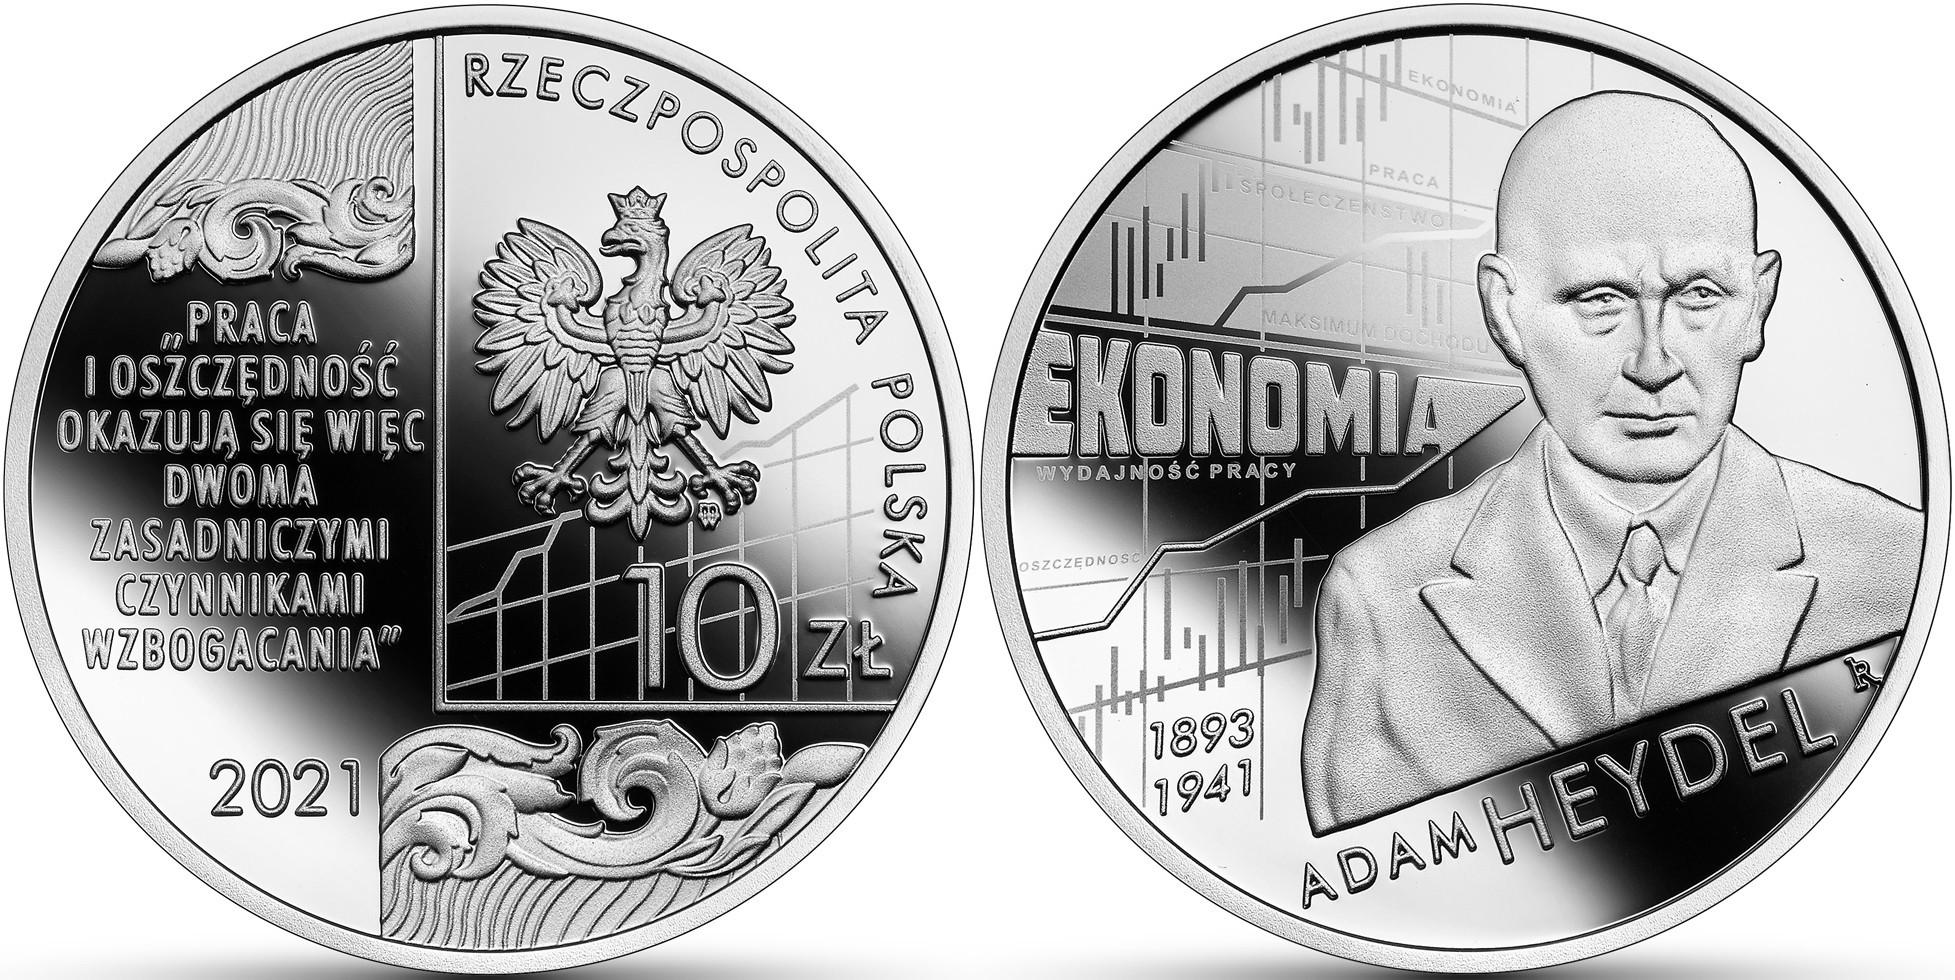 pologne-2021-grand-economistes-polonais-adam-heydel